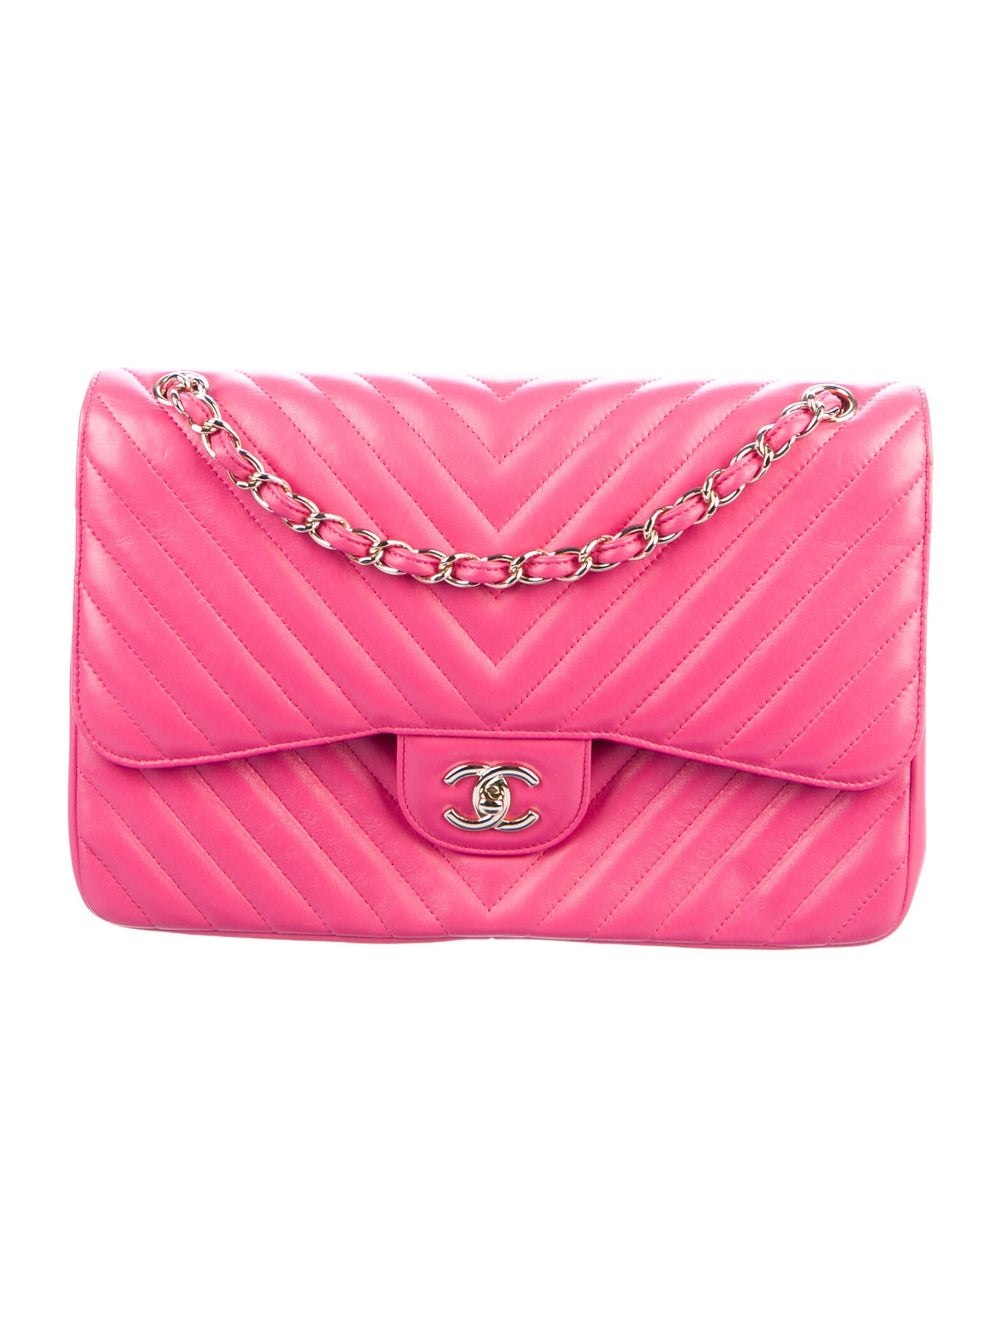 Chanel Jumbo Chevron Double Flap Bag Pink - image 1